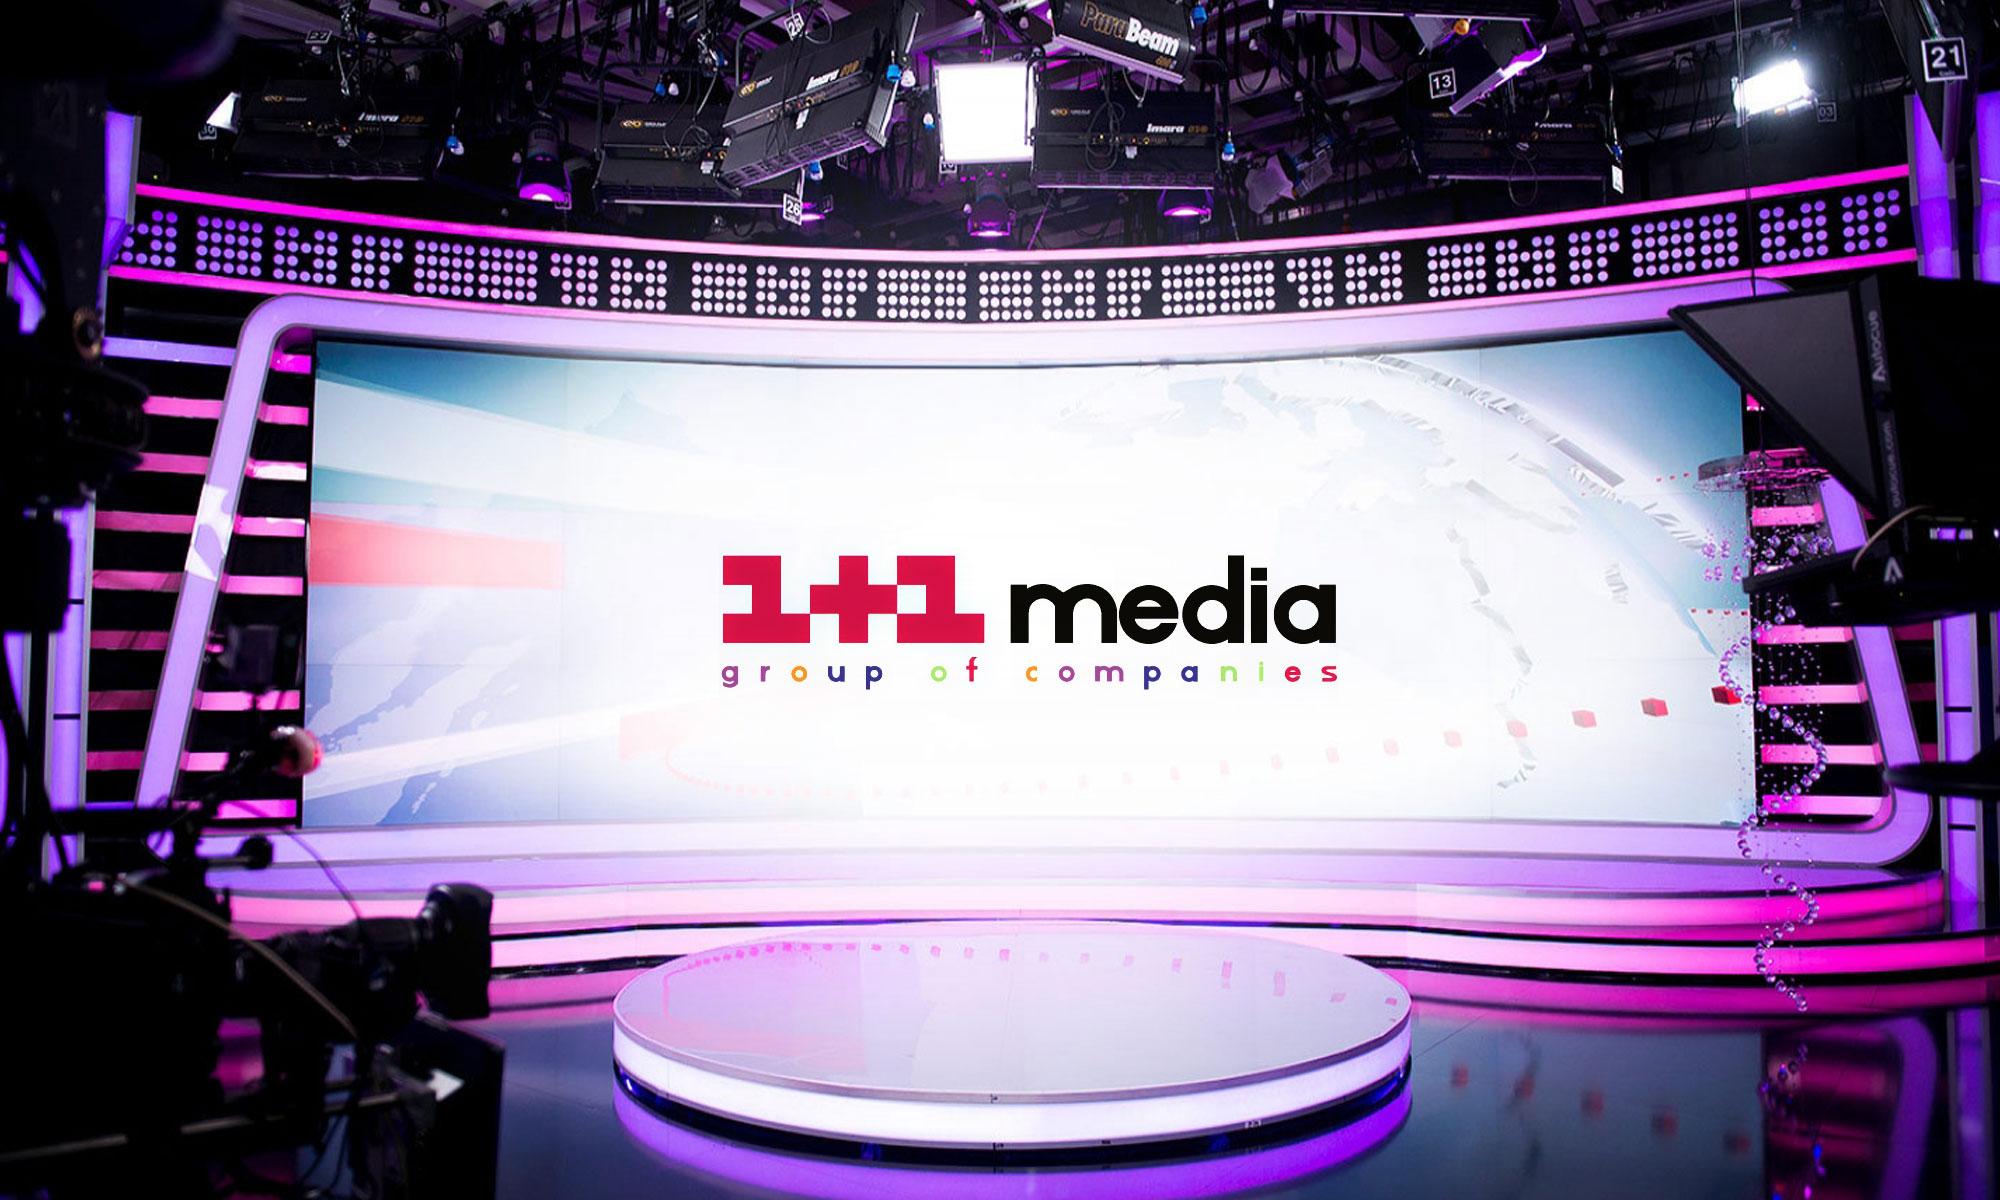 1+1 медиа / 1+1 media